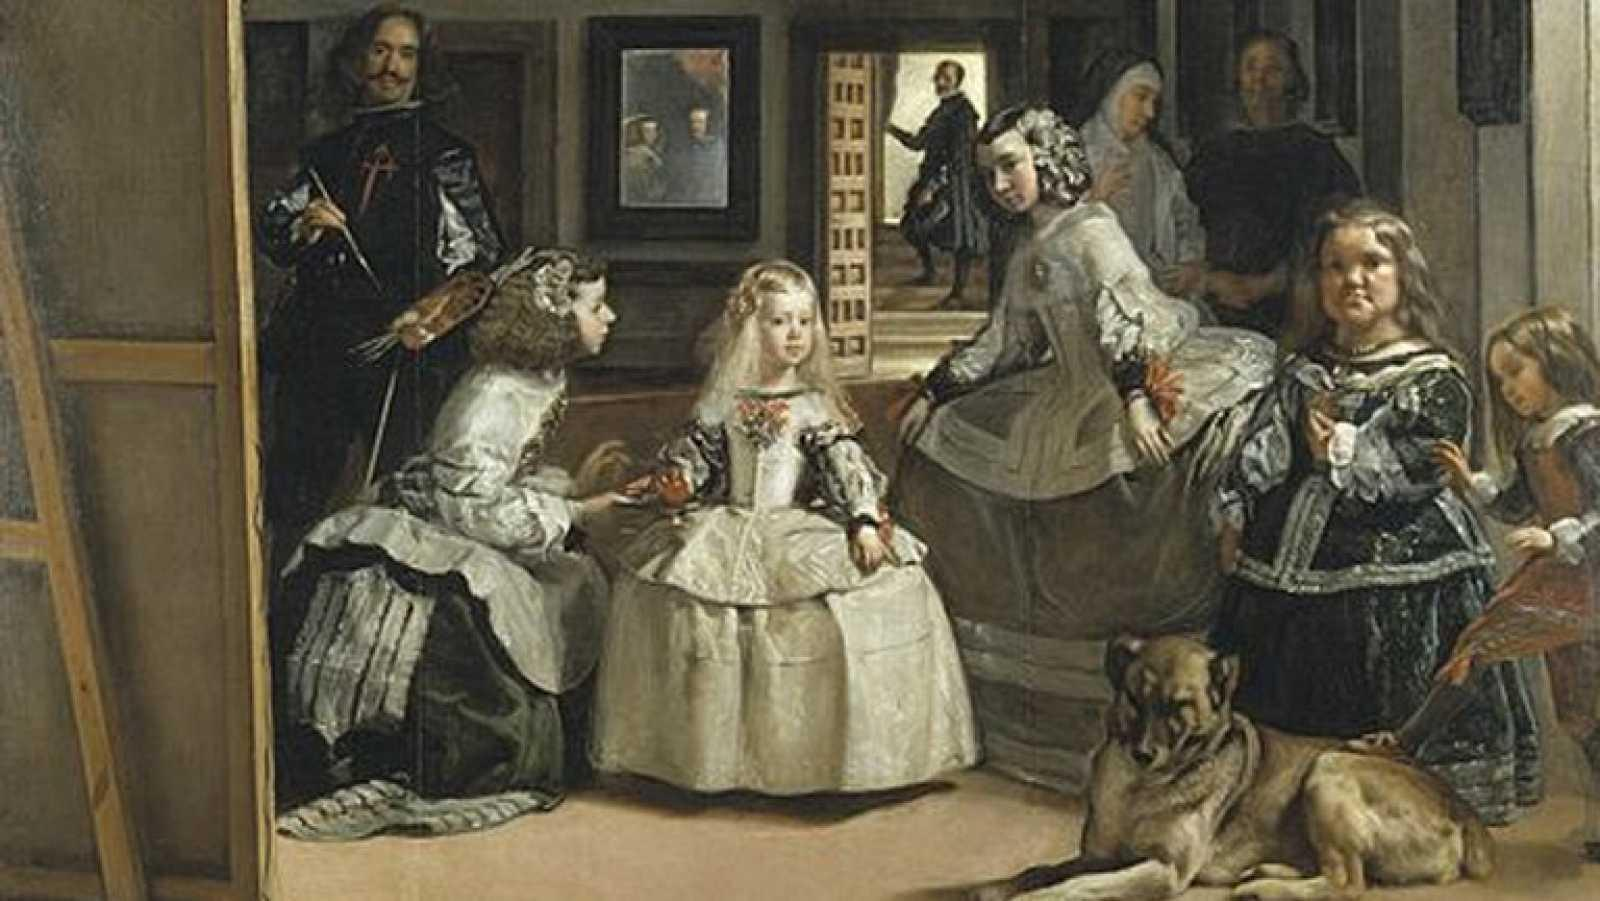 Mirar un cuadro - Las meninas (Velázquez)